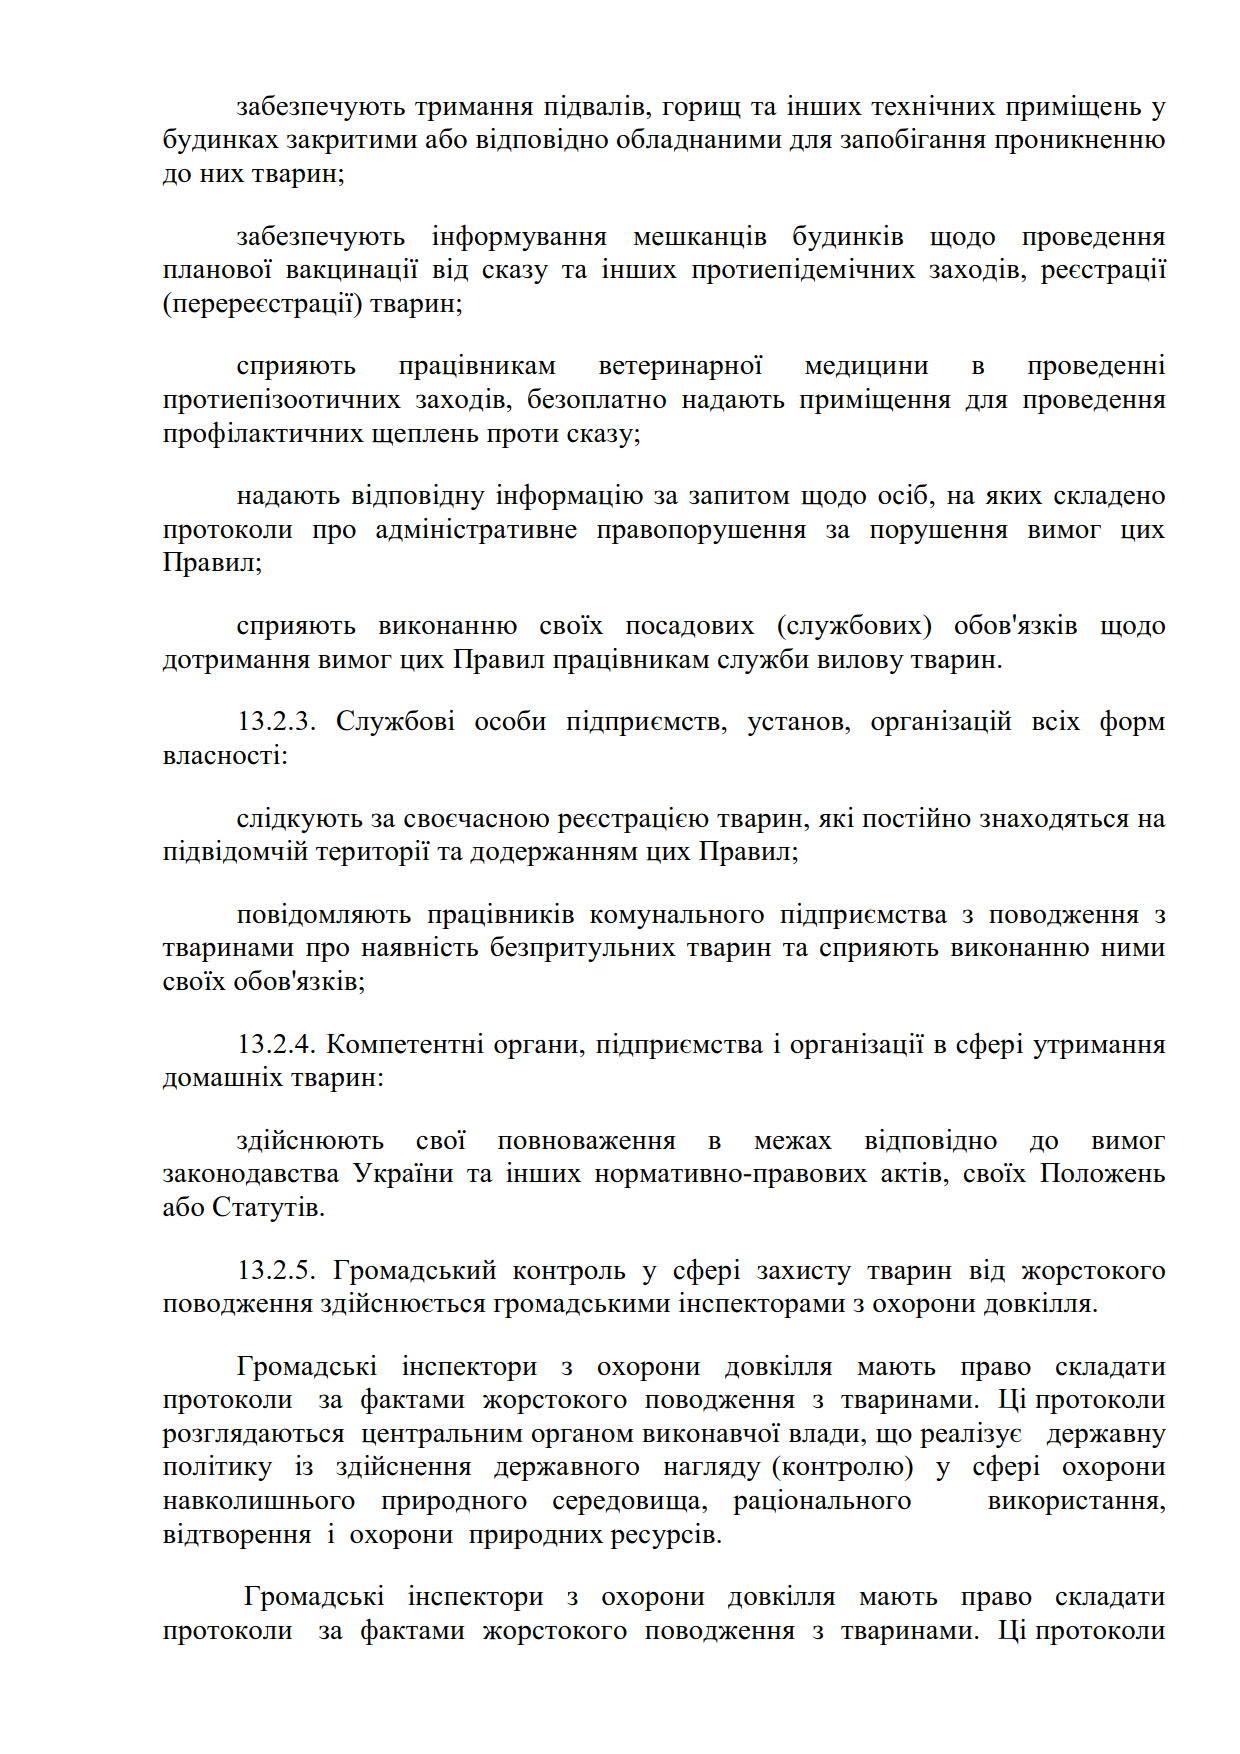 Правила утримання домашніх тварин коломак нов_16